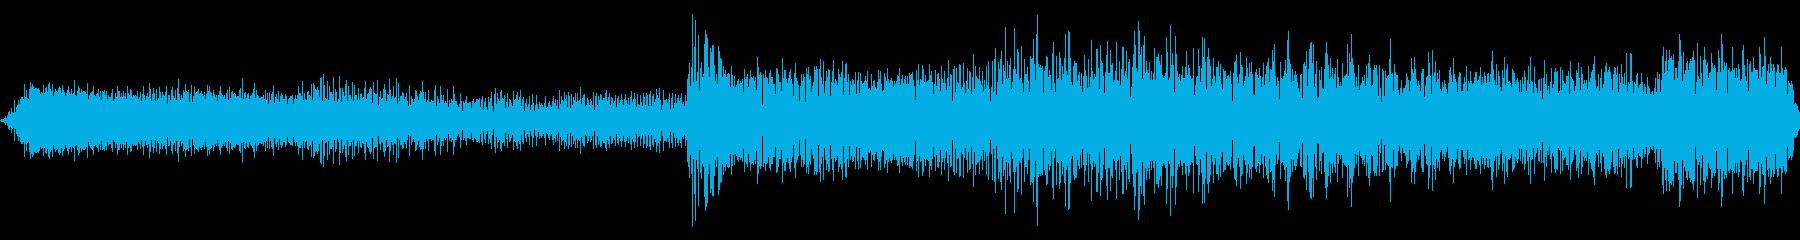 電気ザップの再生済みの波形